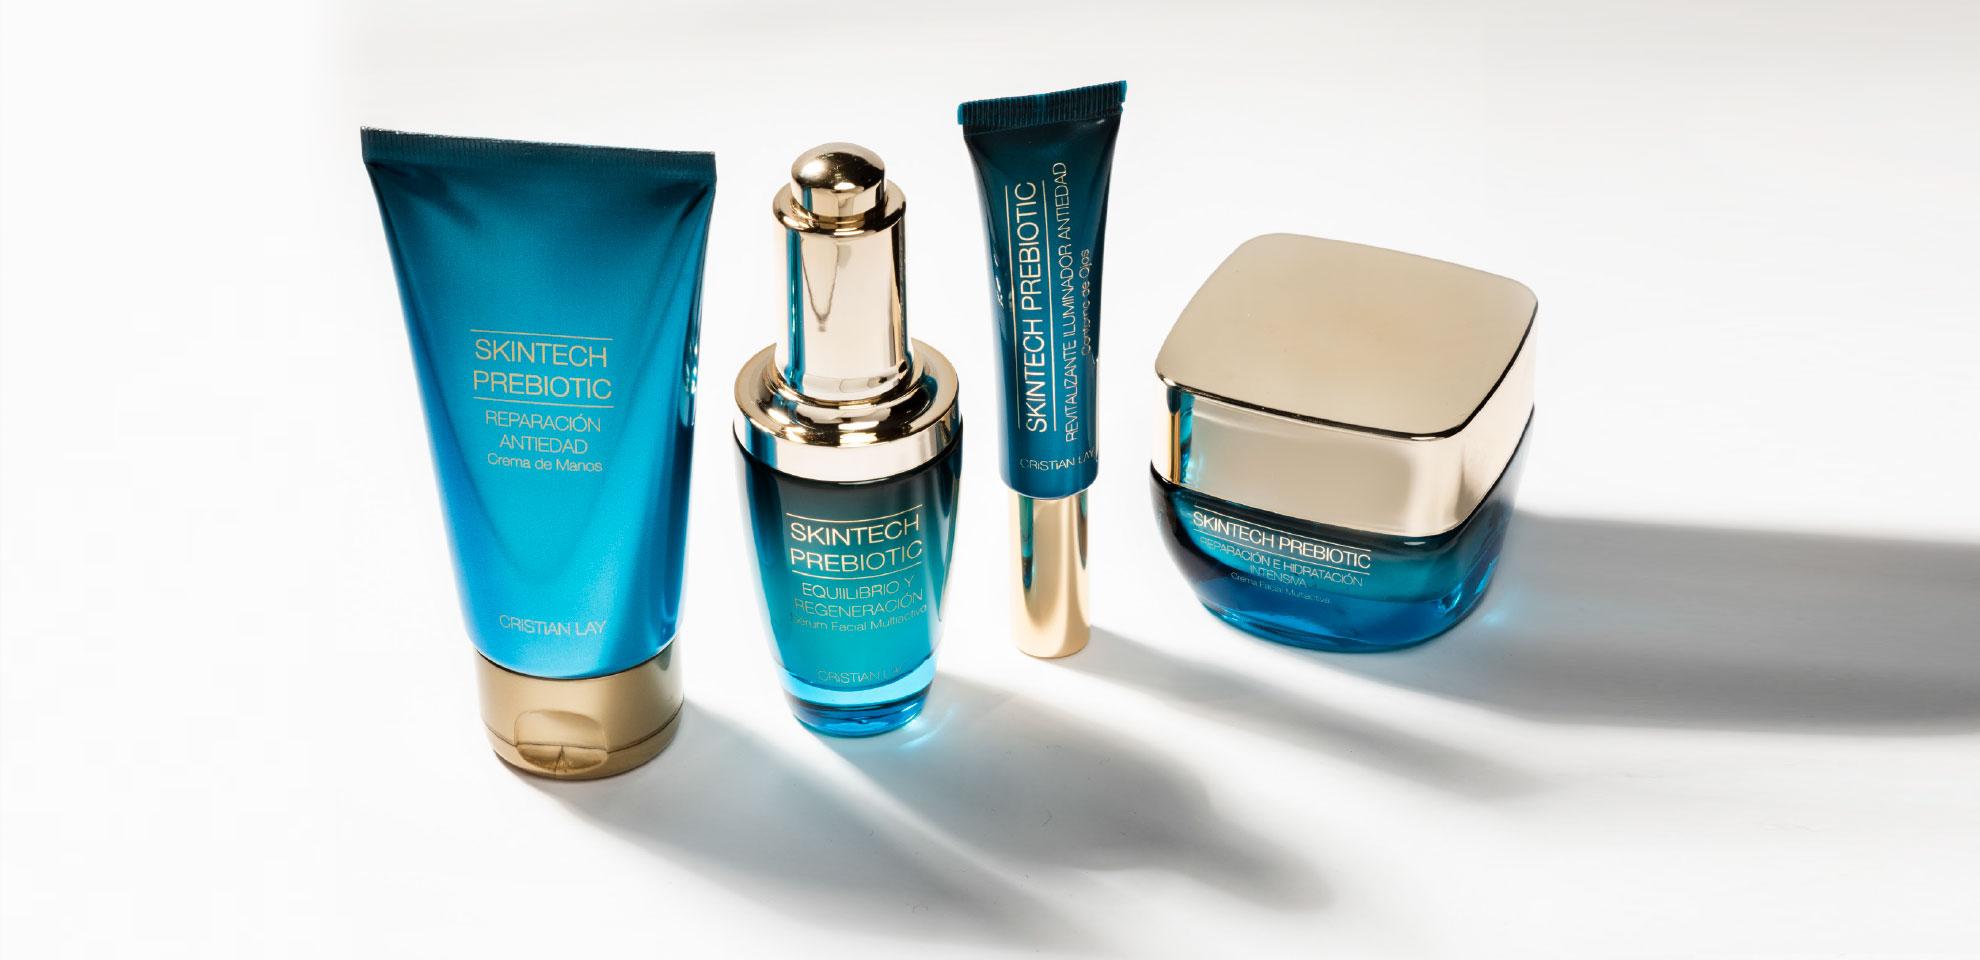 Productos Skintech prebiotic